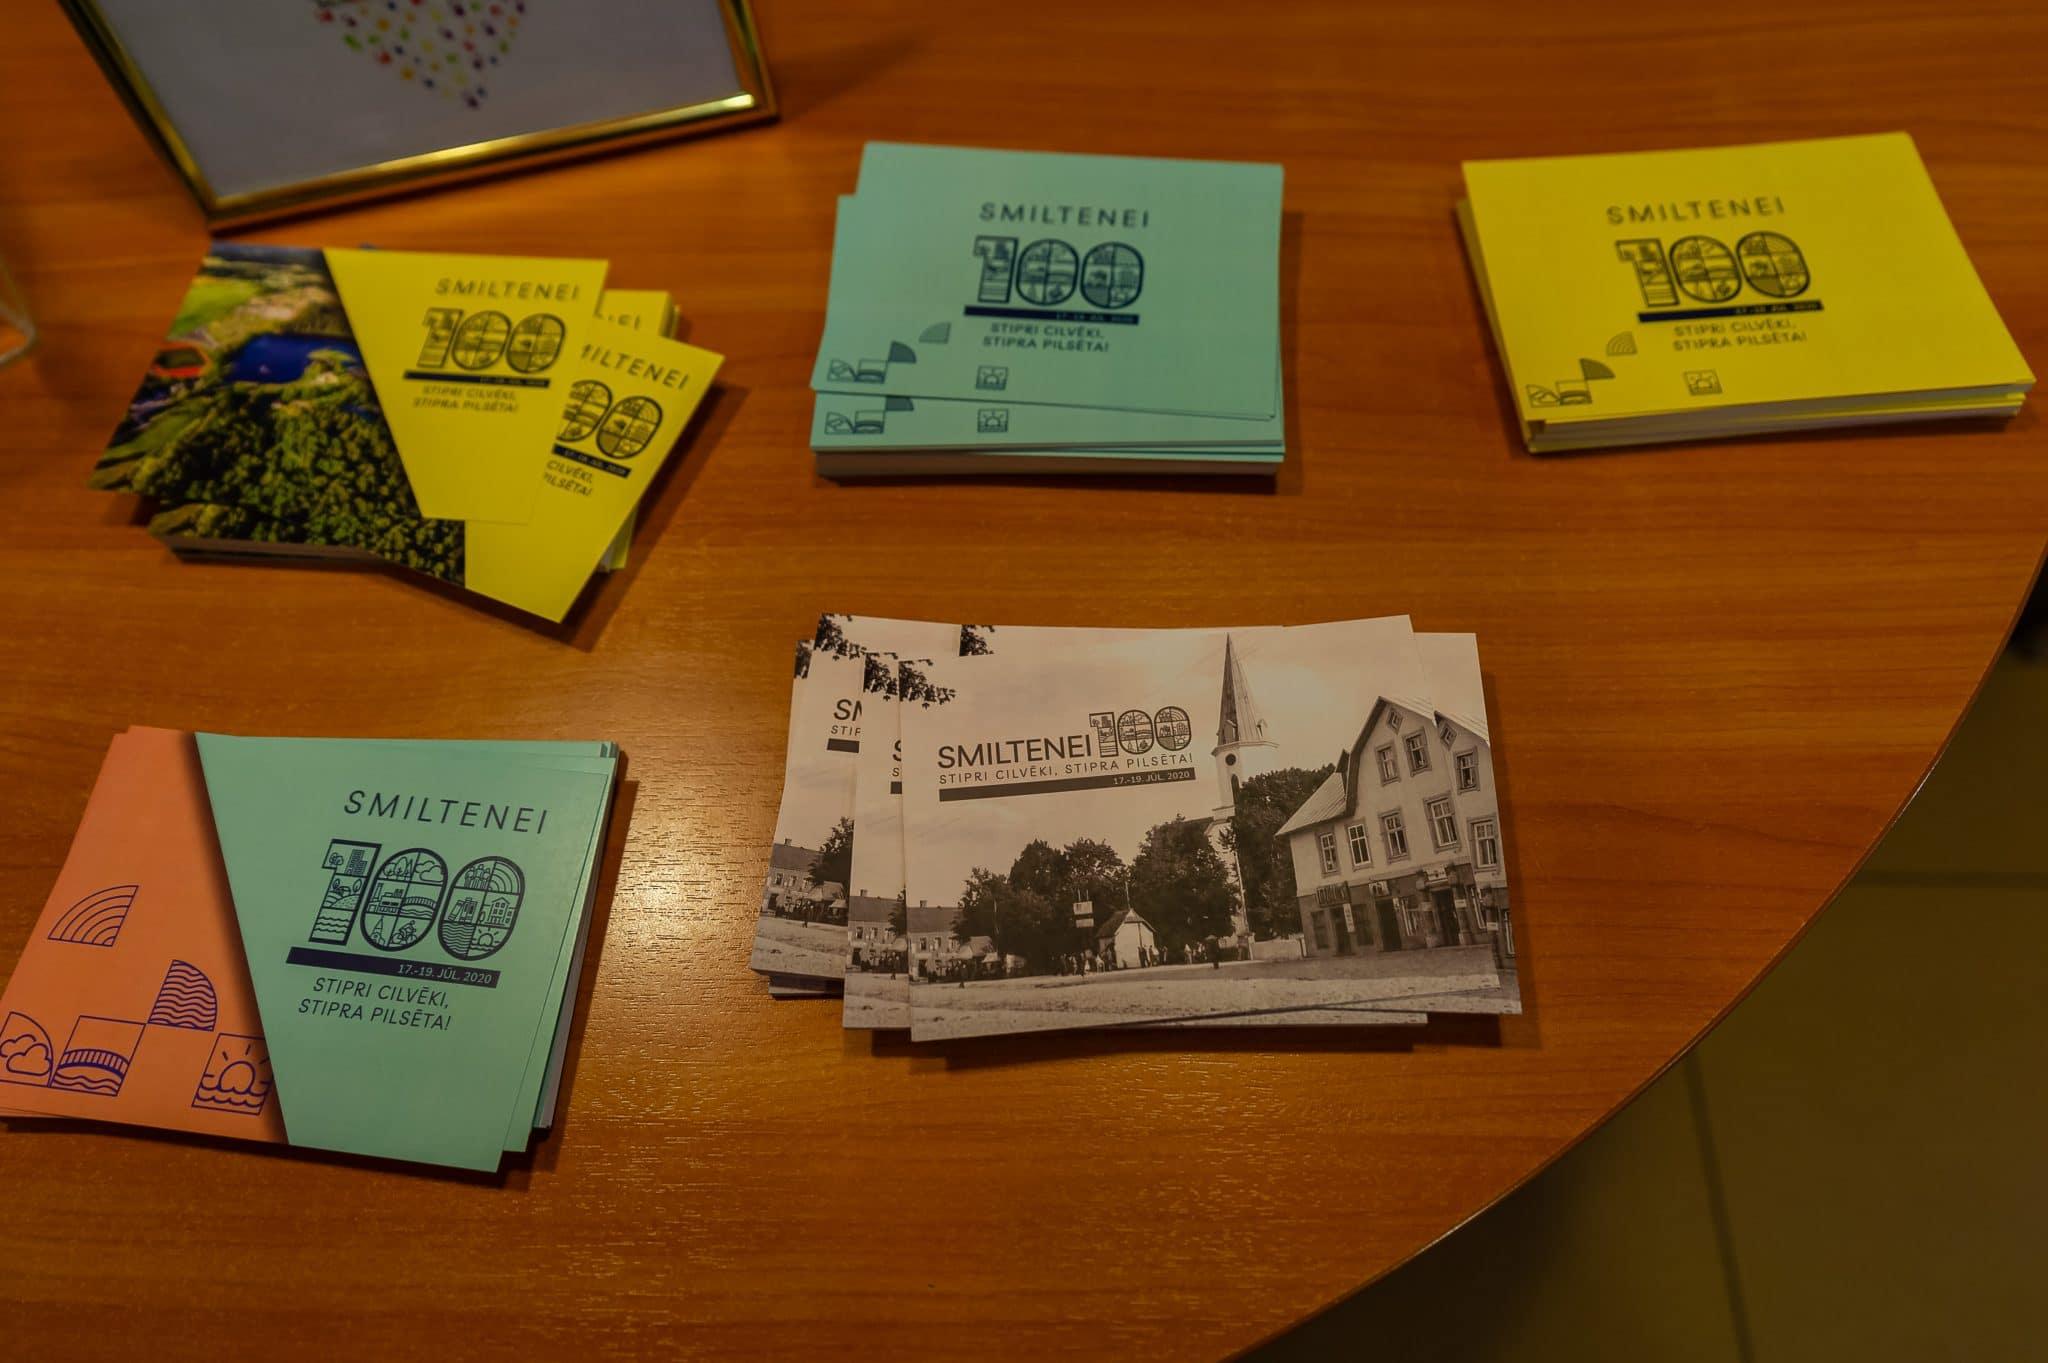 Aicinām sūtīt ielūgumus saviem radiem un draugiem uz Smiltenei 100 svinībām